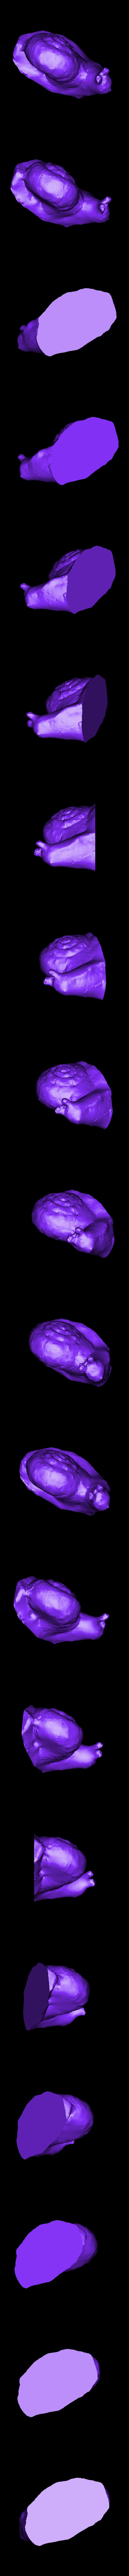 escargo-2.stl Télécharger fichier STL gratuit escargot (scanner avec téléphone, traiter avec (recap photo) sur pc) • Objet pour imprimante 3D, YOHAN_3D